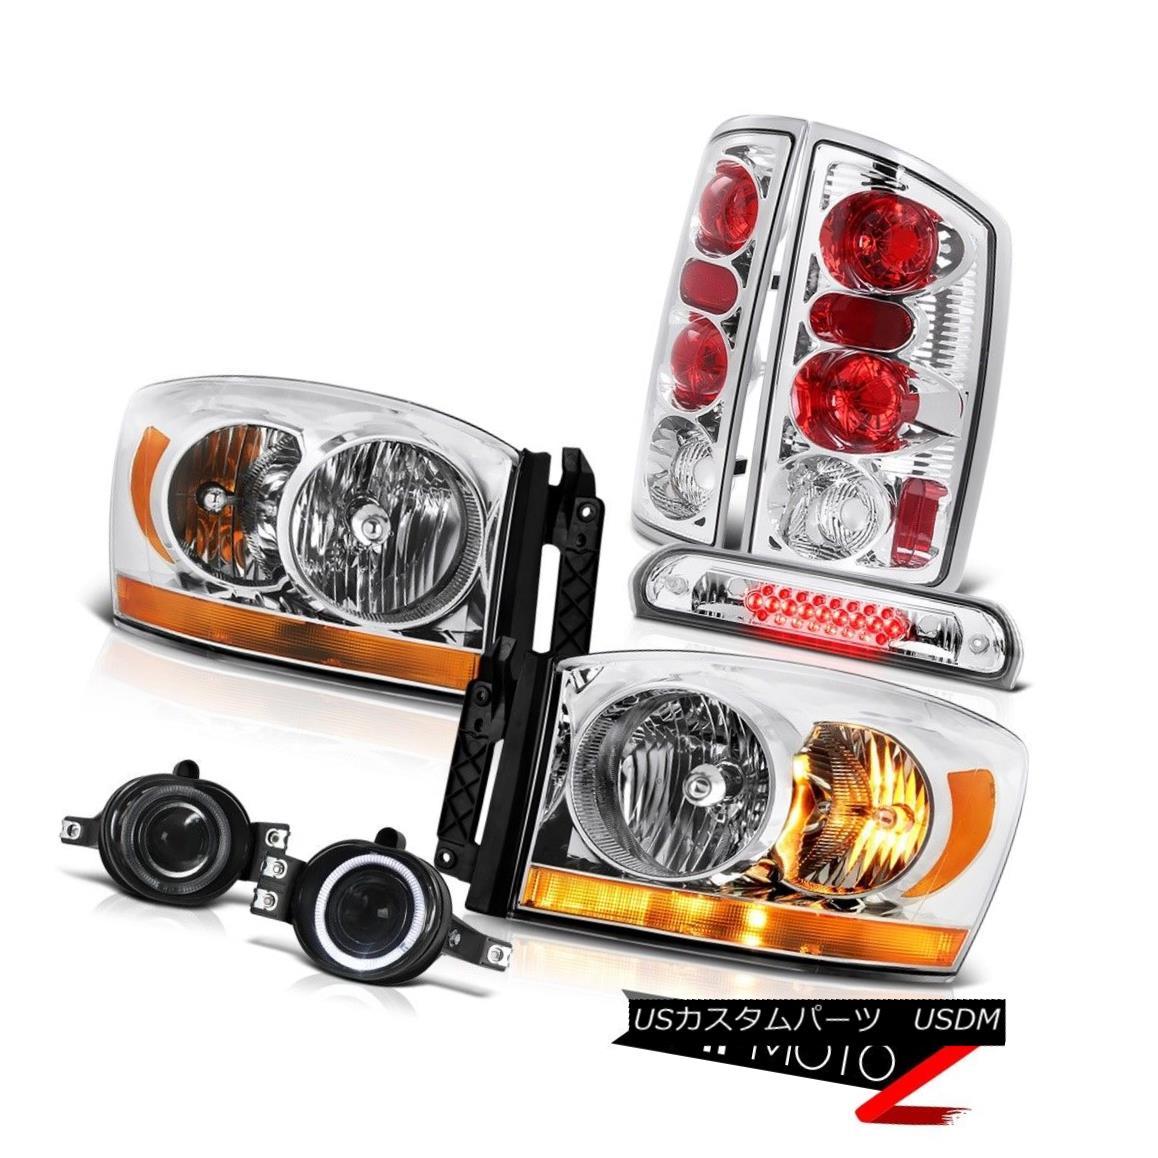 ヘッドライト 2006 Ram 5.7L Euro Chrome Headlights Smokey Foglamps High Stop Lamp Tail Lights 2006 Ram 5.7Lユーロクロームヘッドライトスモーキーフォグランプハイストップランプテールライト